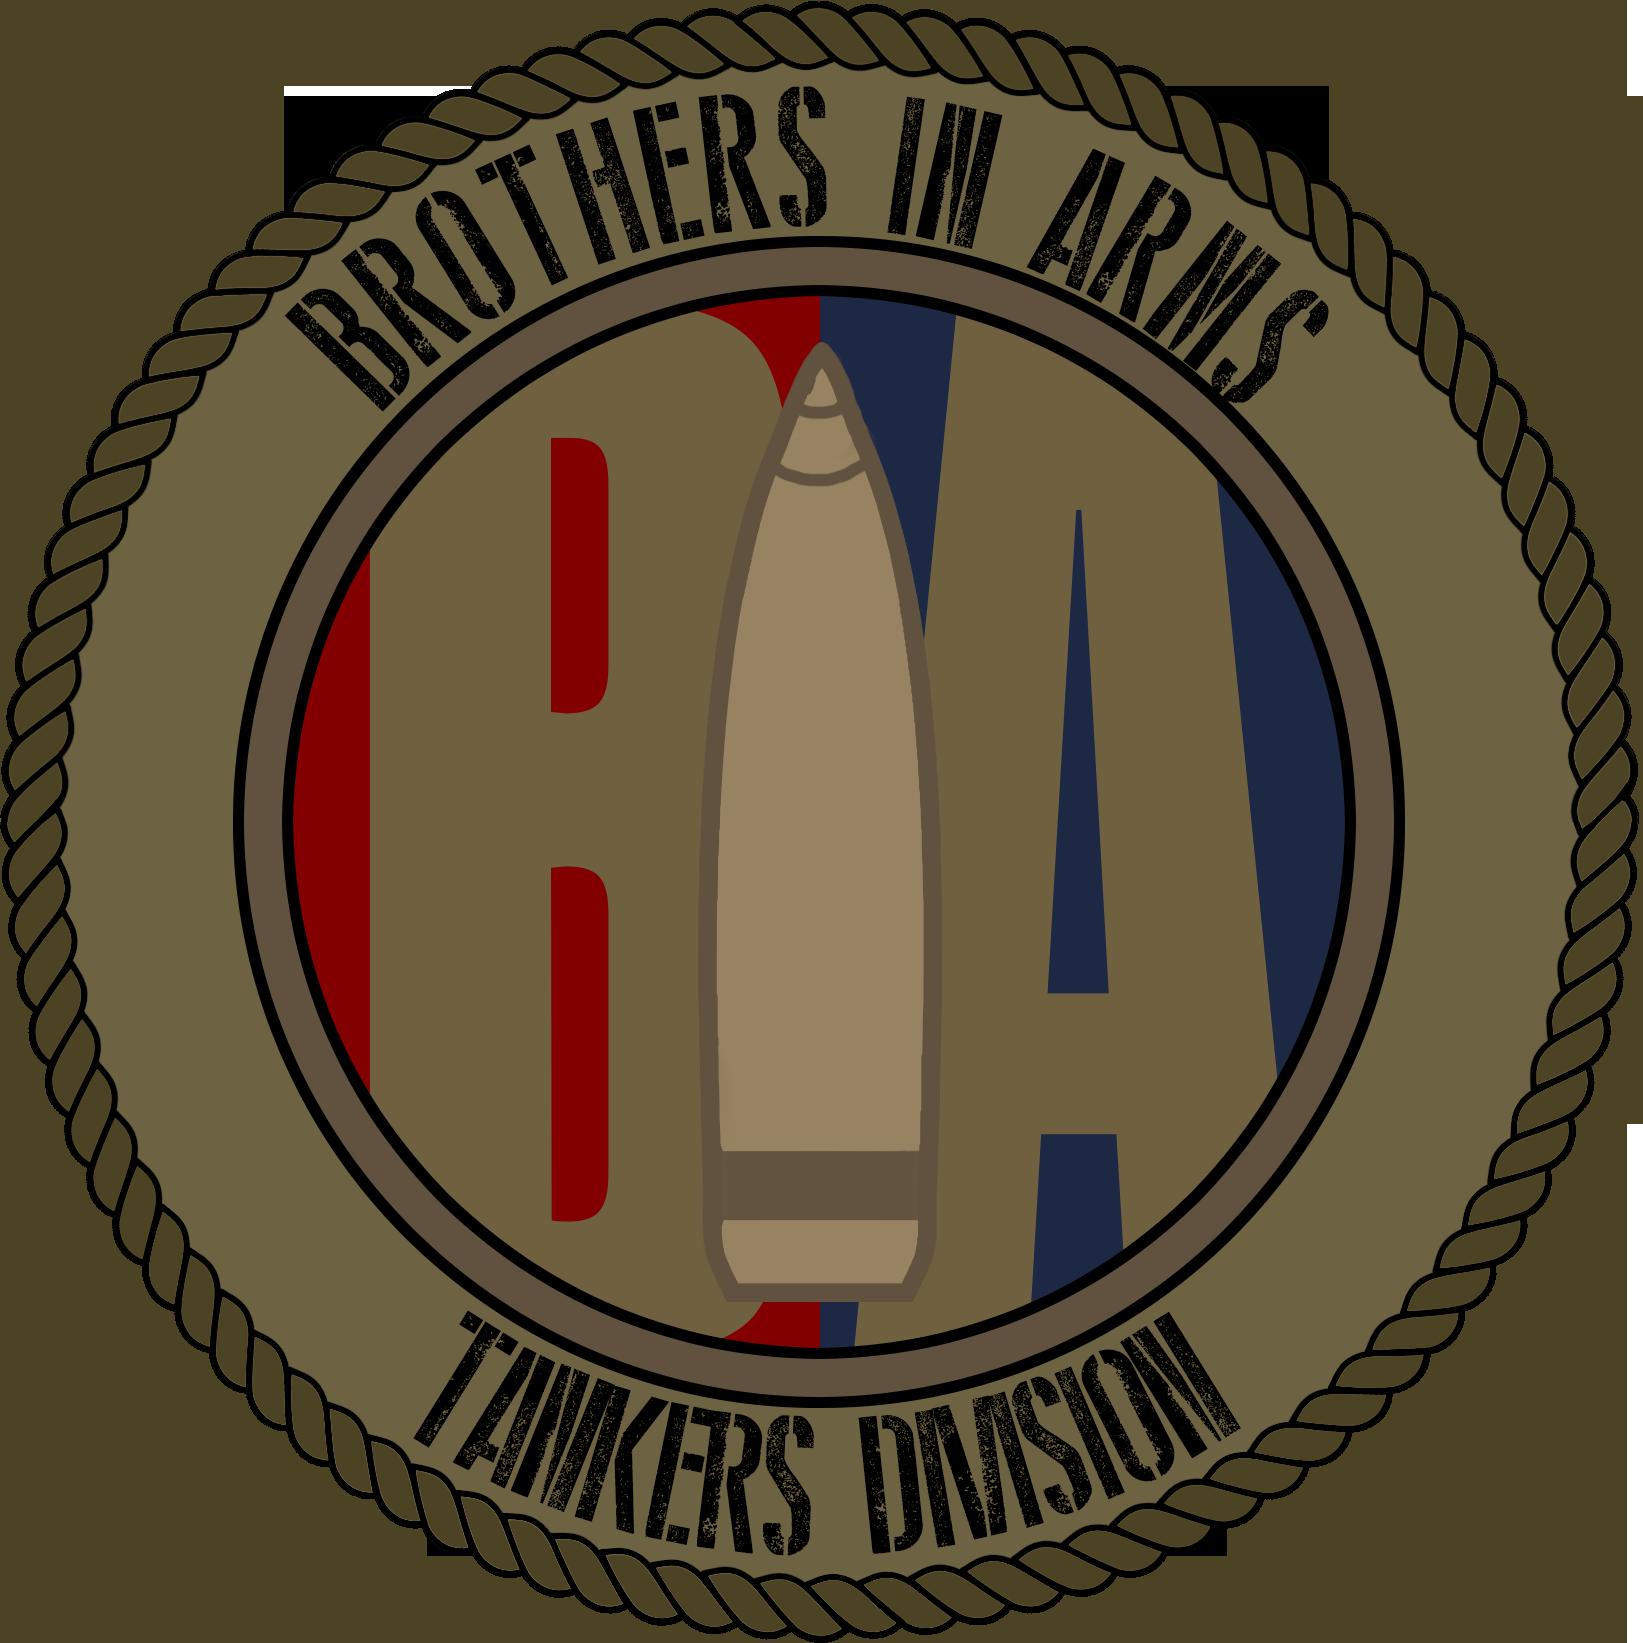 tankers-division.png